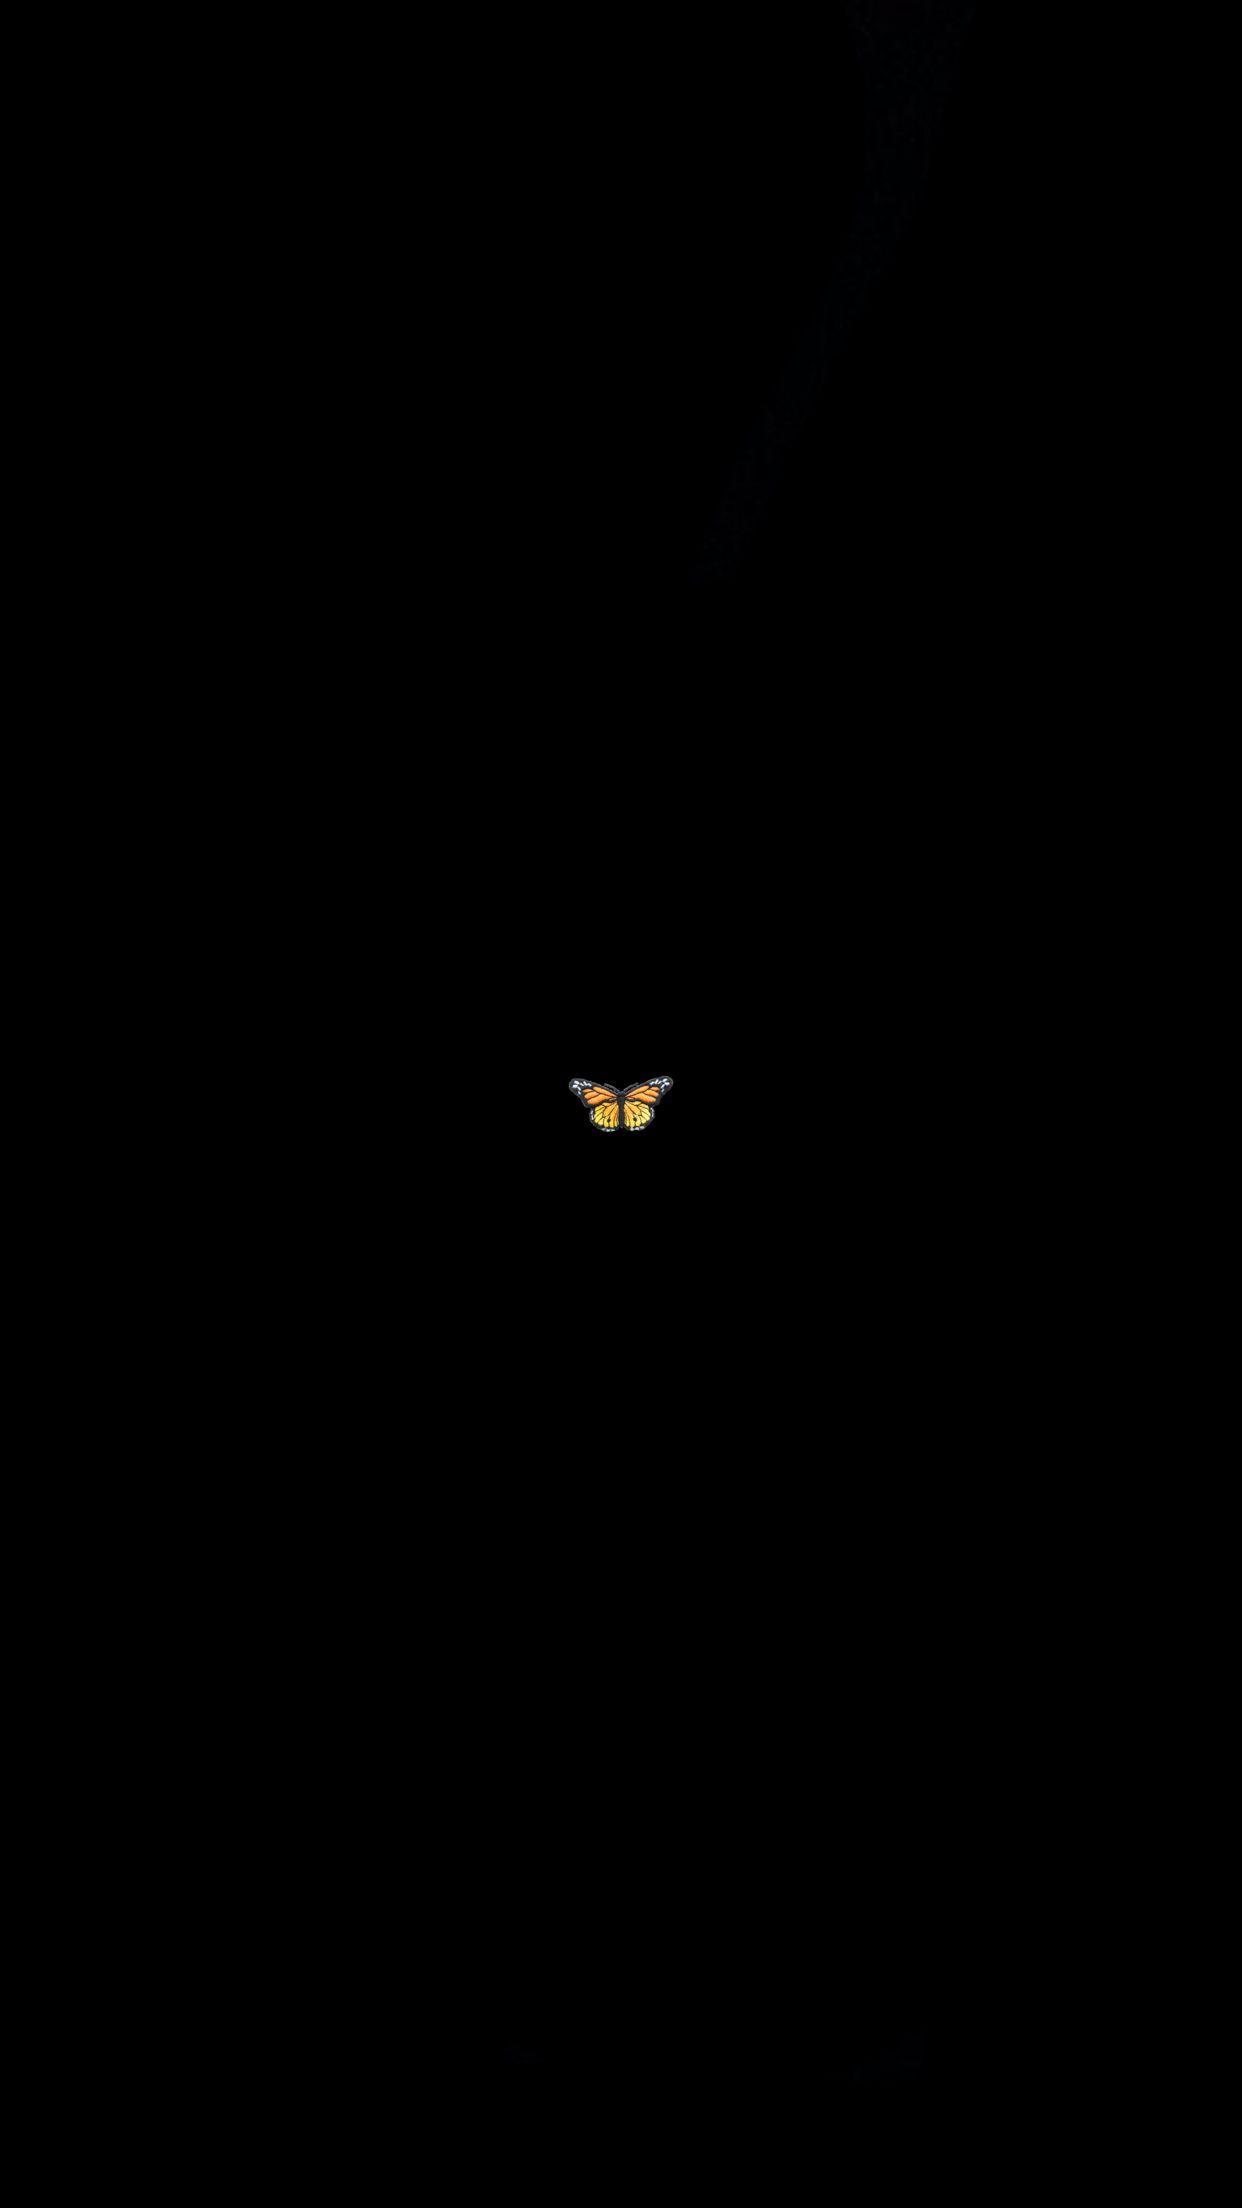 Butterfly Tapetti In 2020 Black Aesthetic Wallpaper Black Background Wallpaper Cute Black Wallpaper